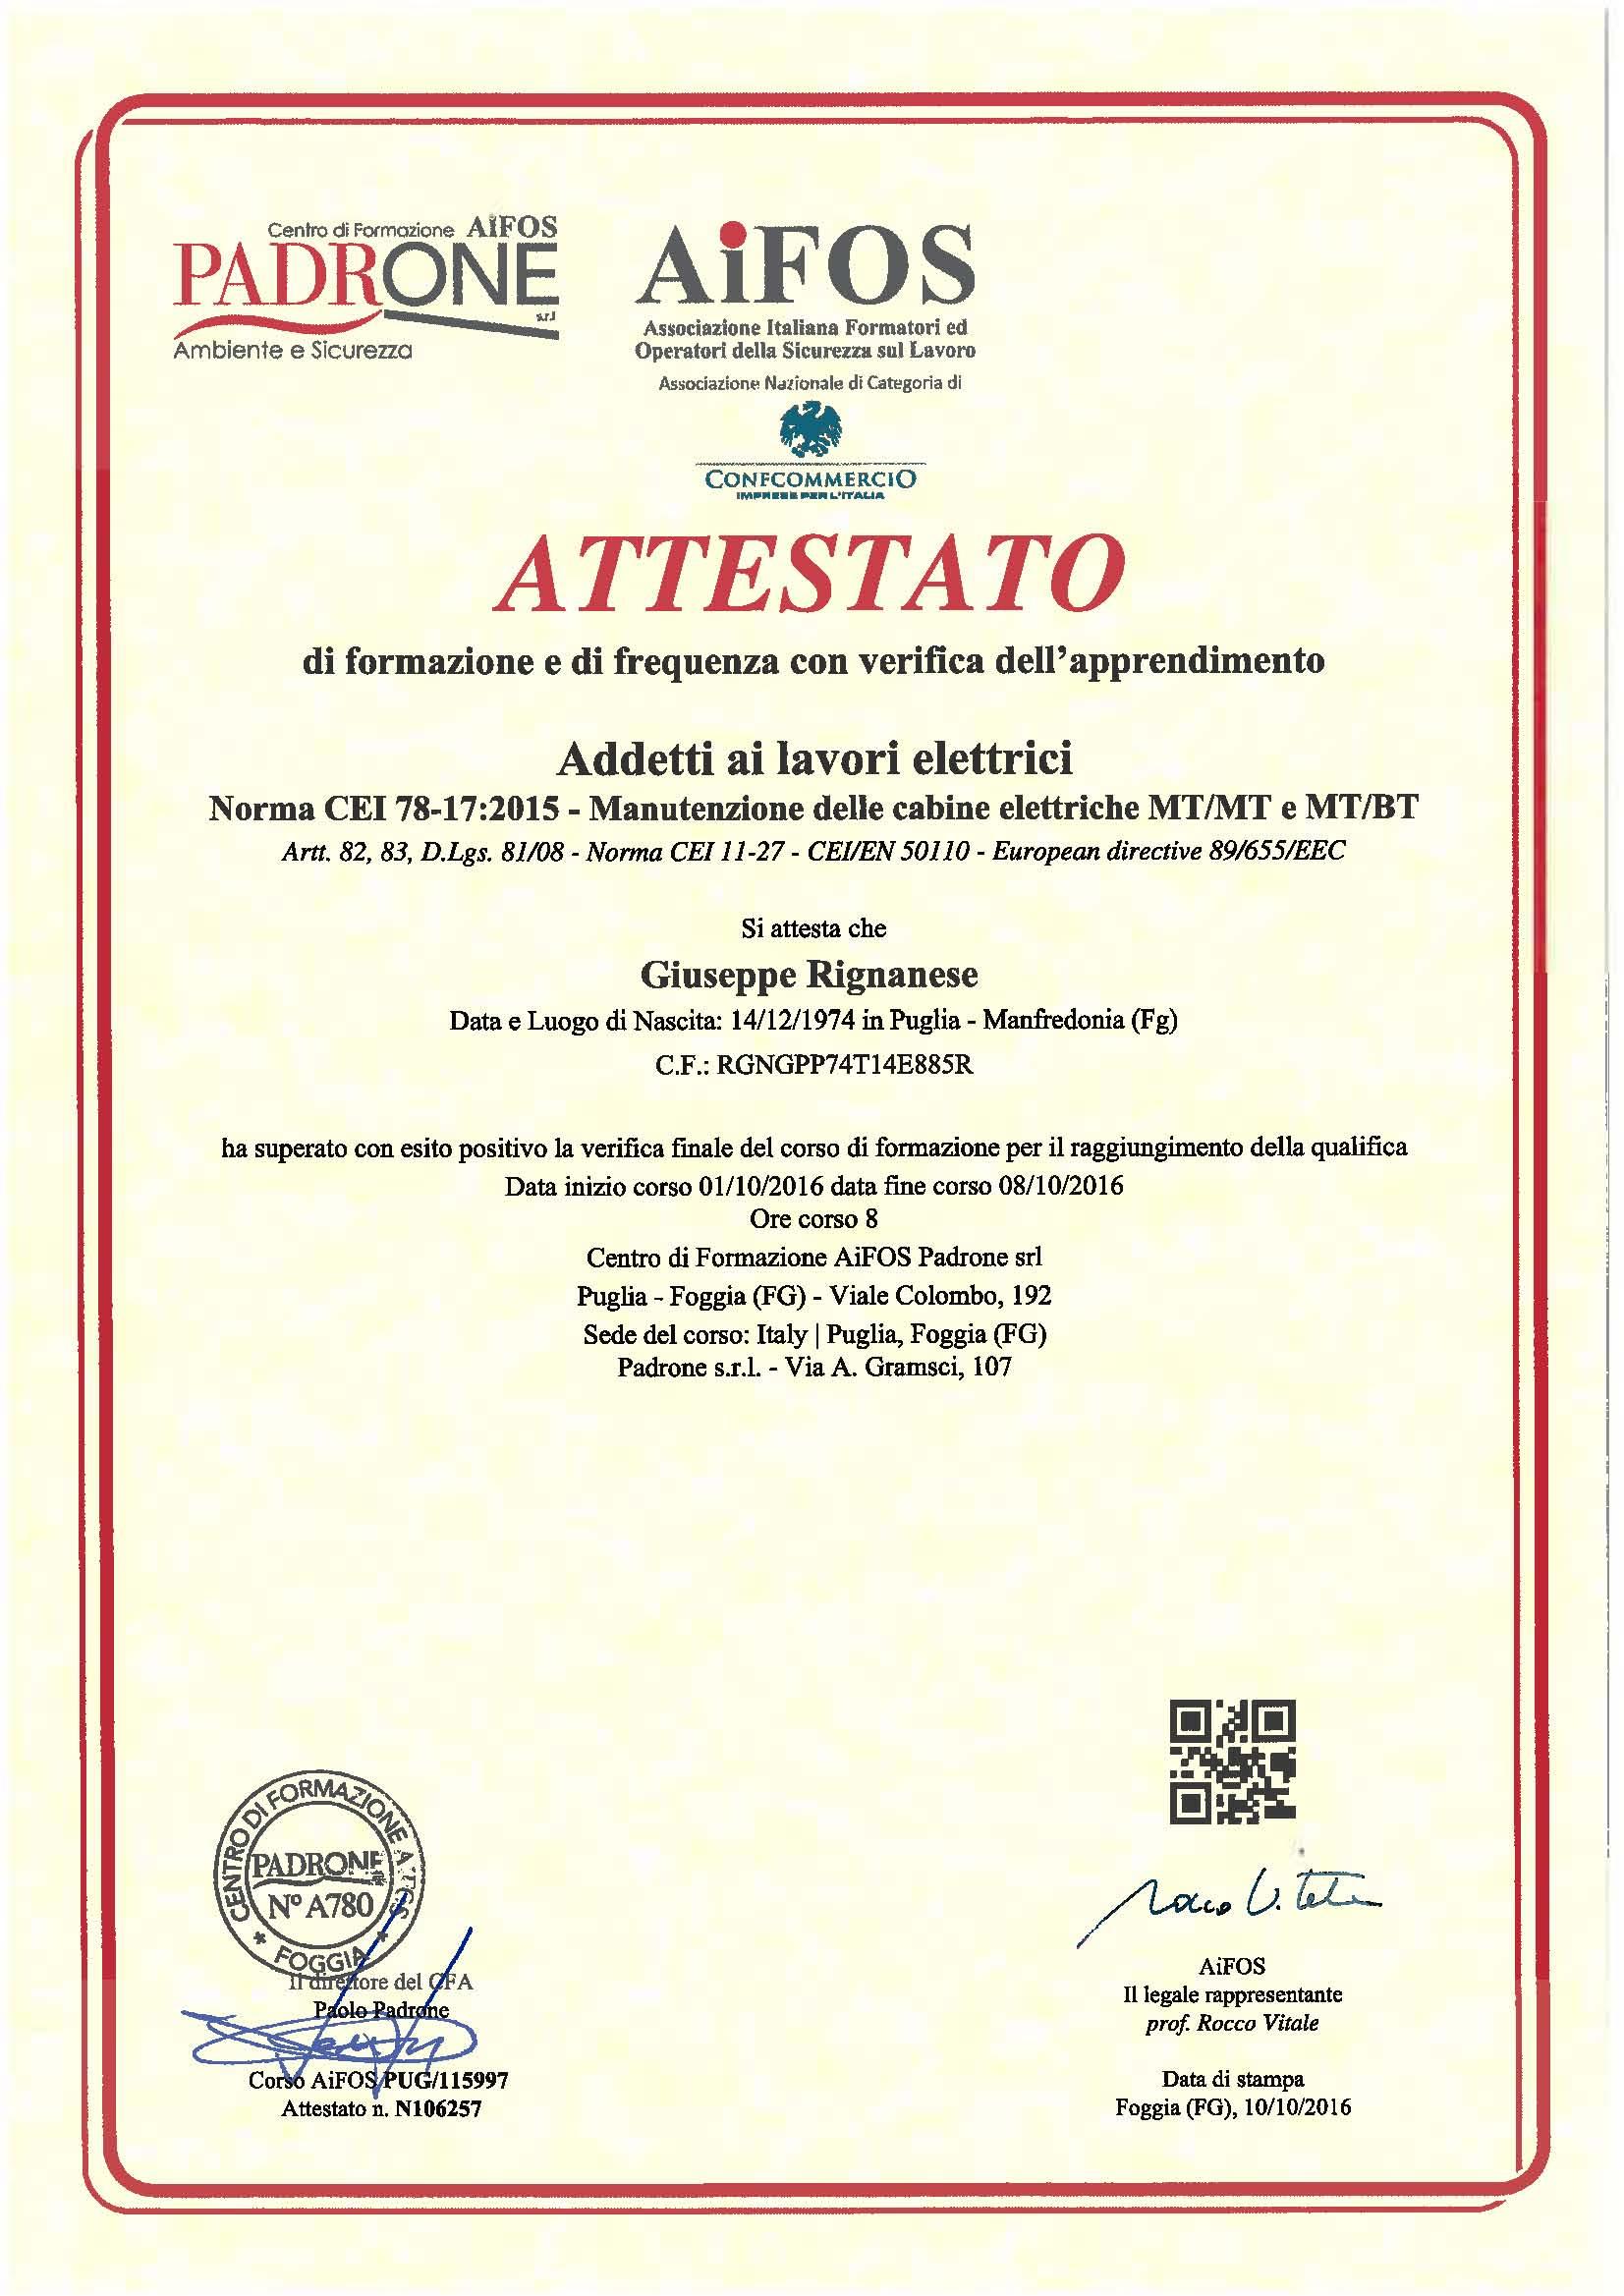 Attestato-CEI-78-17-AIFOS